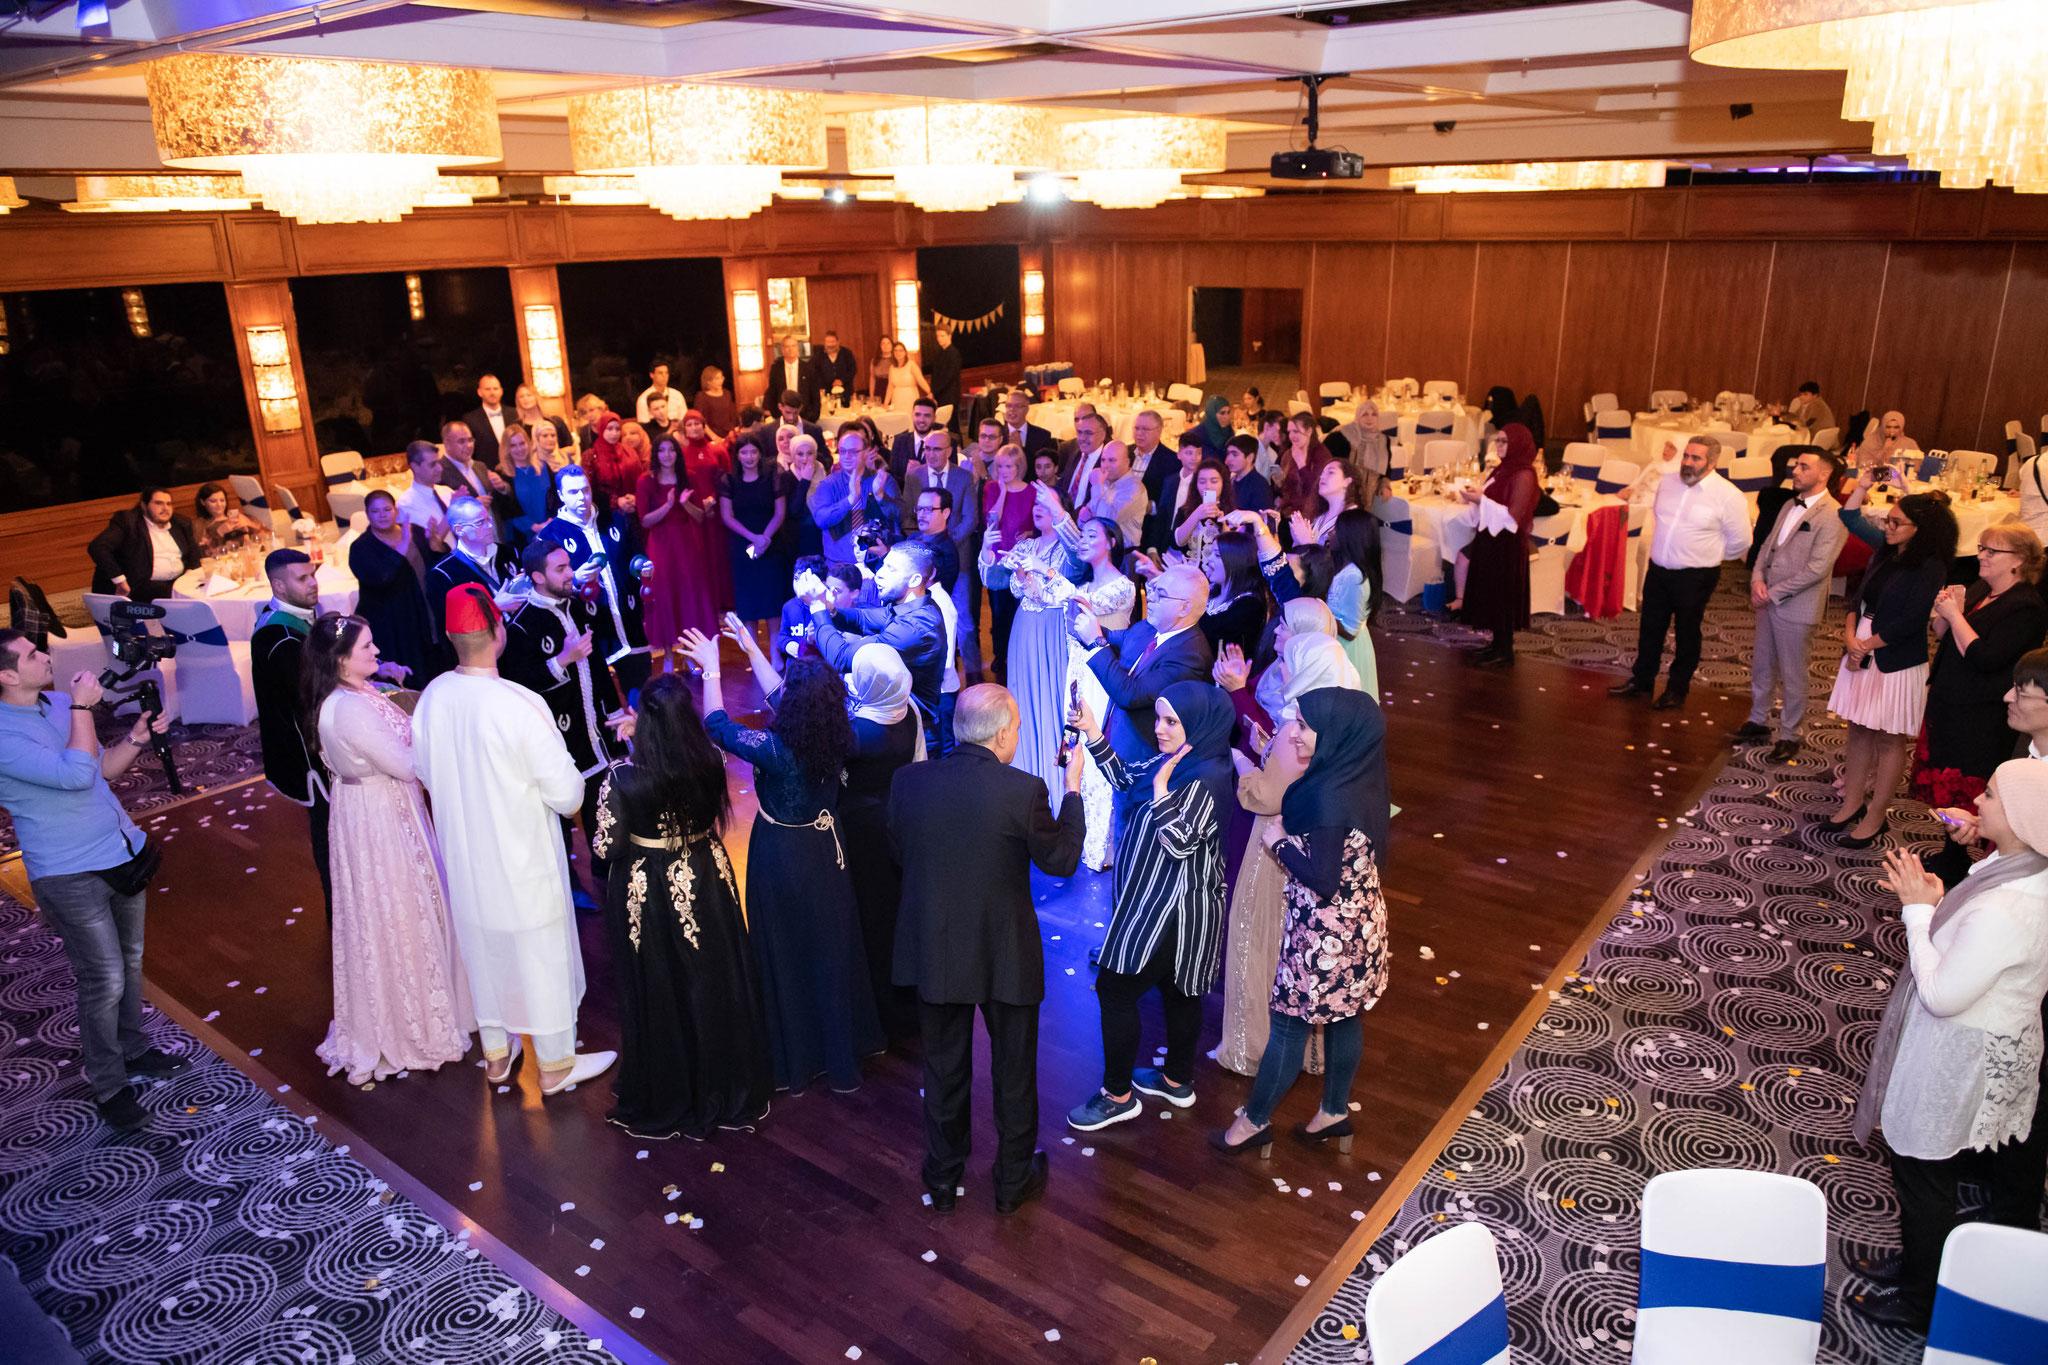 Kamerateam für internationale Hochzeiten und Events